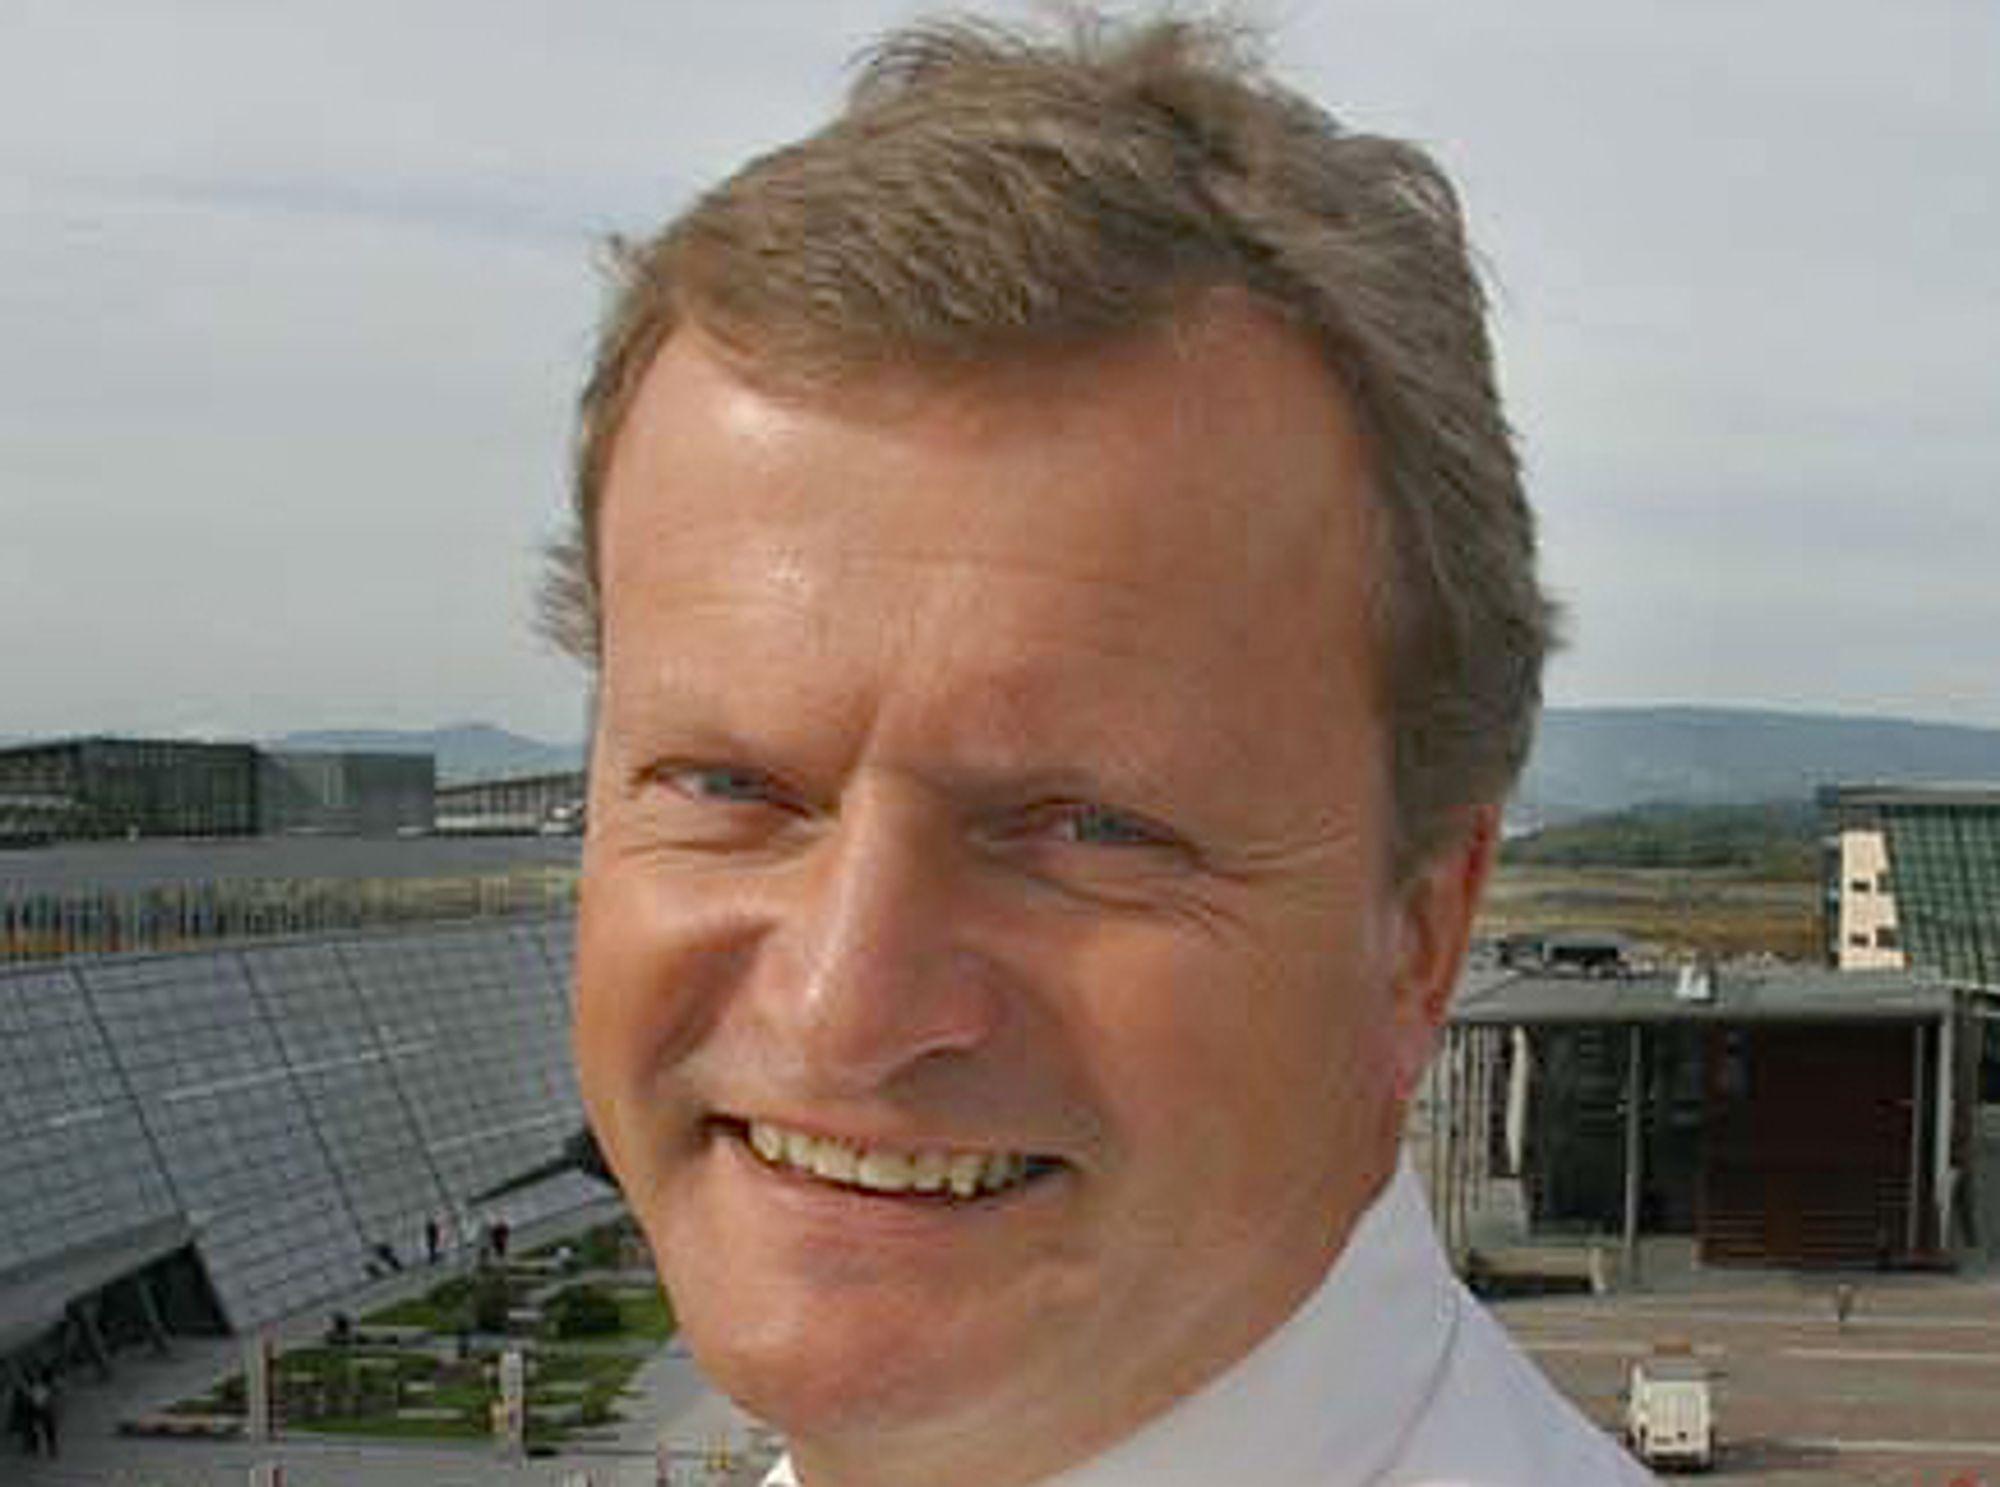 GLISET: Konsernsjef Jon Fredrik Baksaas er fornøyd med at Telenor fortsatt vokser i Norge i andre kvartal 2007.